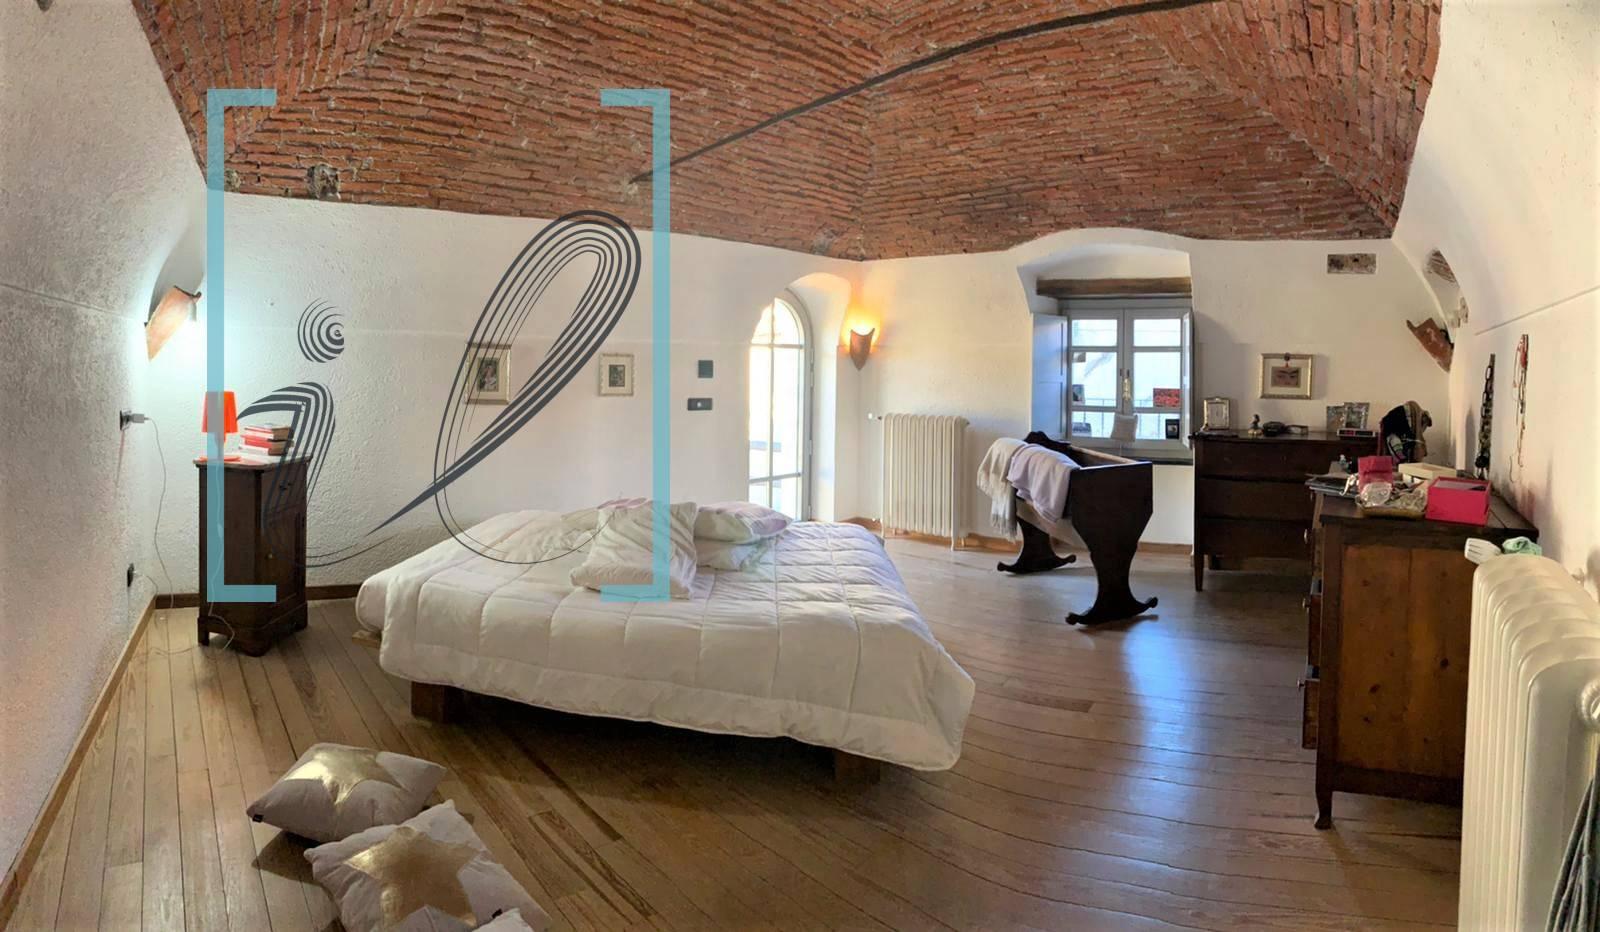 Rustico / Casale in vendita a Balestrino, 6 locali, prezzo € 300.000 | PortaleAgenzieImmobiliari.it